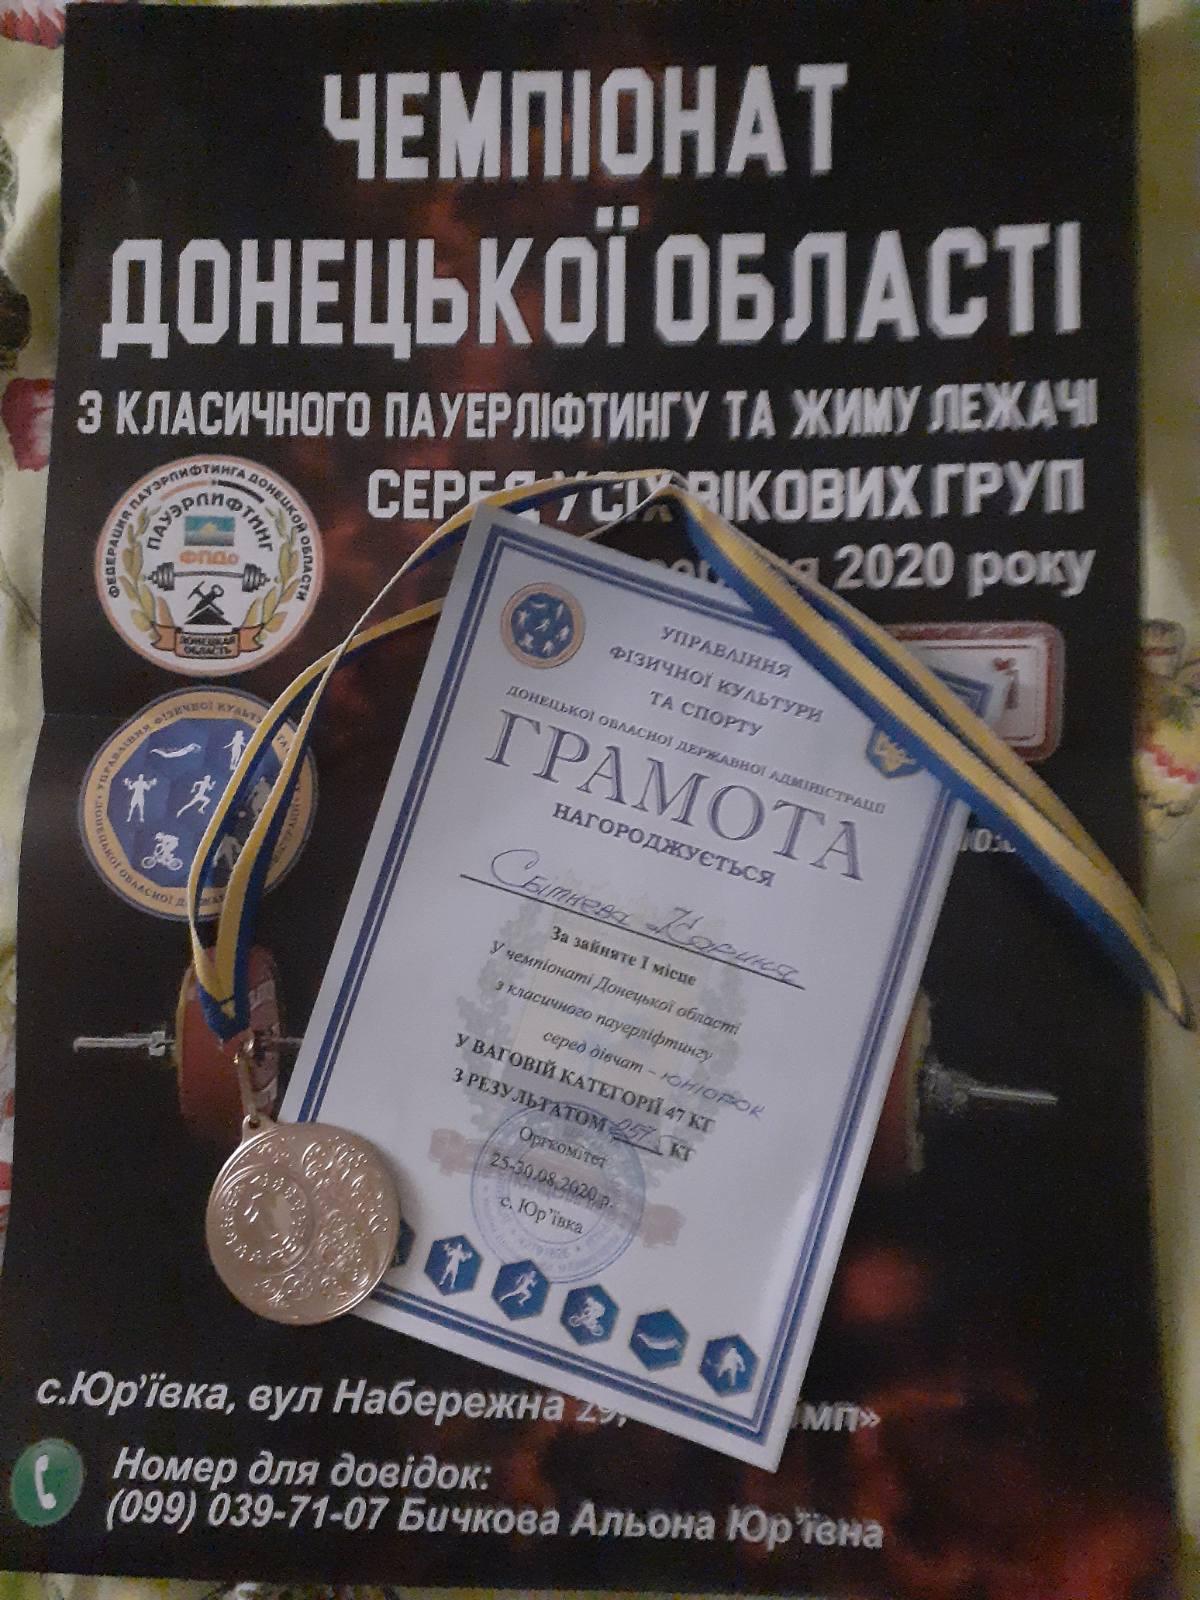 Вітаємо з зайняттям І місця Сбітнєву Карину, студентку 4 курсу, 14 групи, 1 медичного факультету ДНМУ